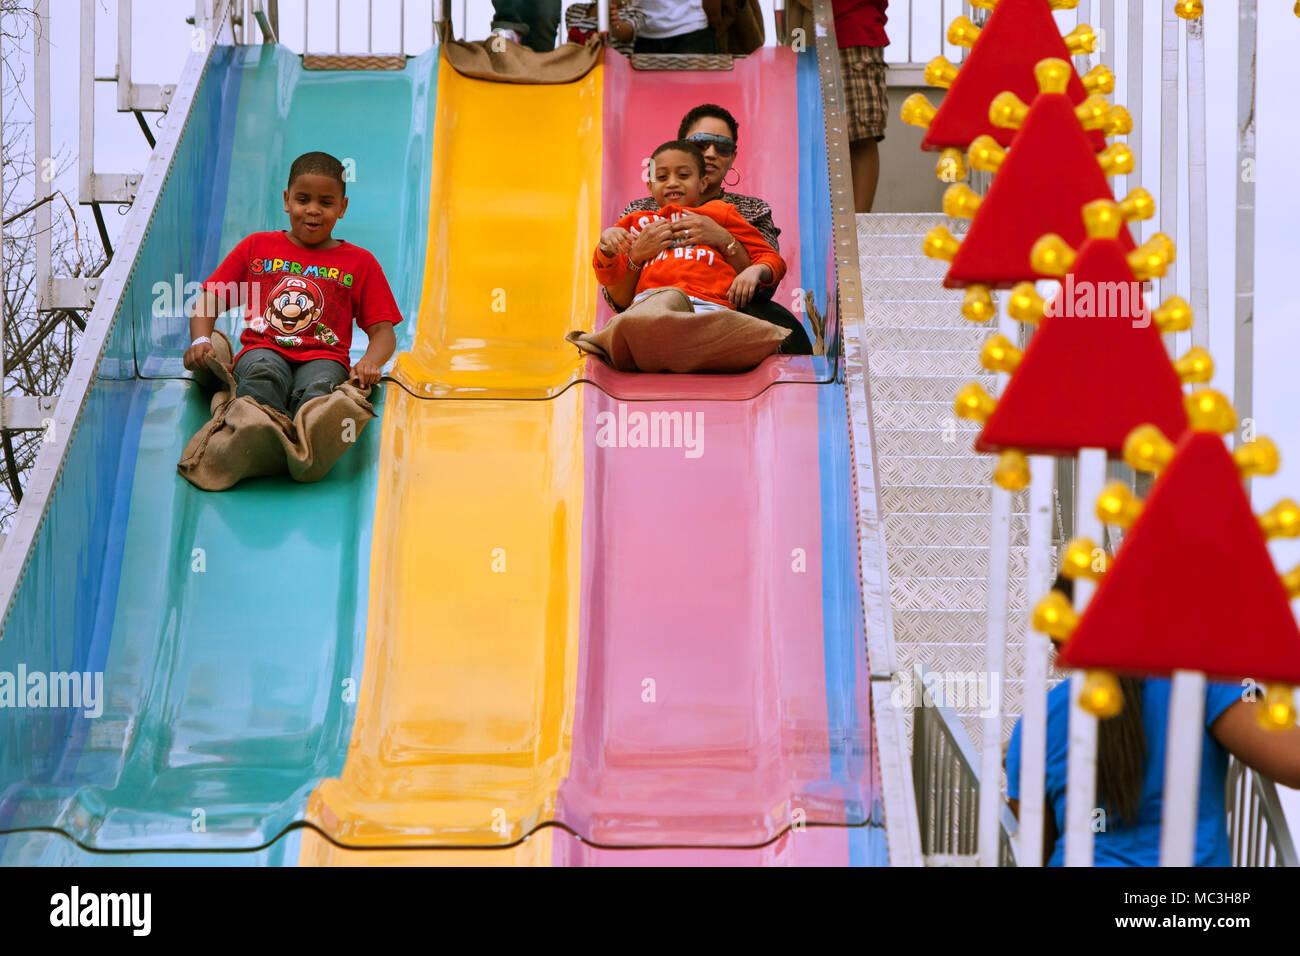 247dd167d582 Fair Fun Slides Slide Stock Photos   Fair Fun Slides Slide Stock ...